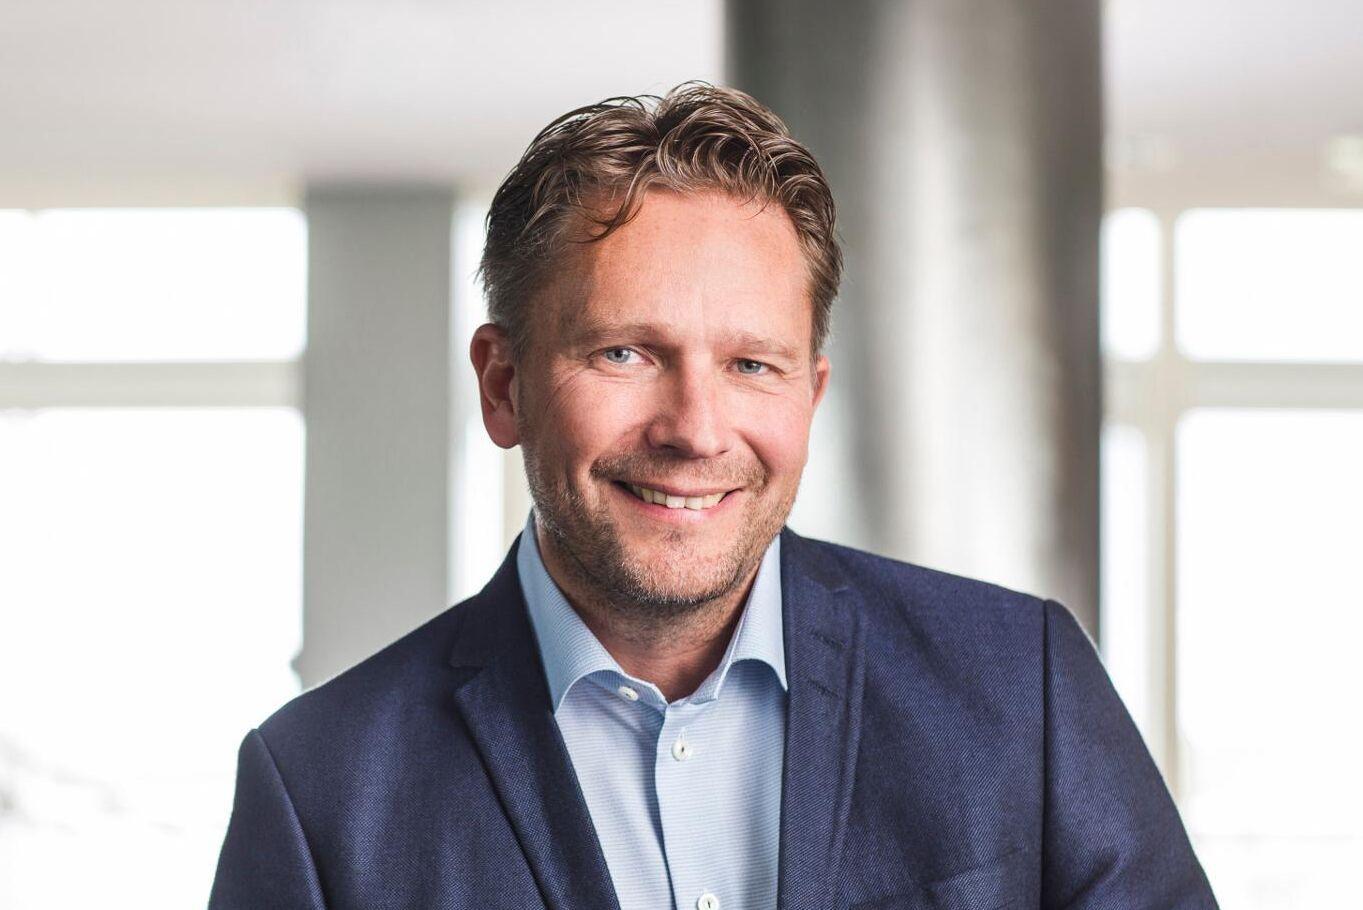 """""""Nu ser vi klara tecken på att den globala NBSK-marknaden stärks"""", säger Henrik Wettergren."""